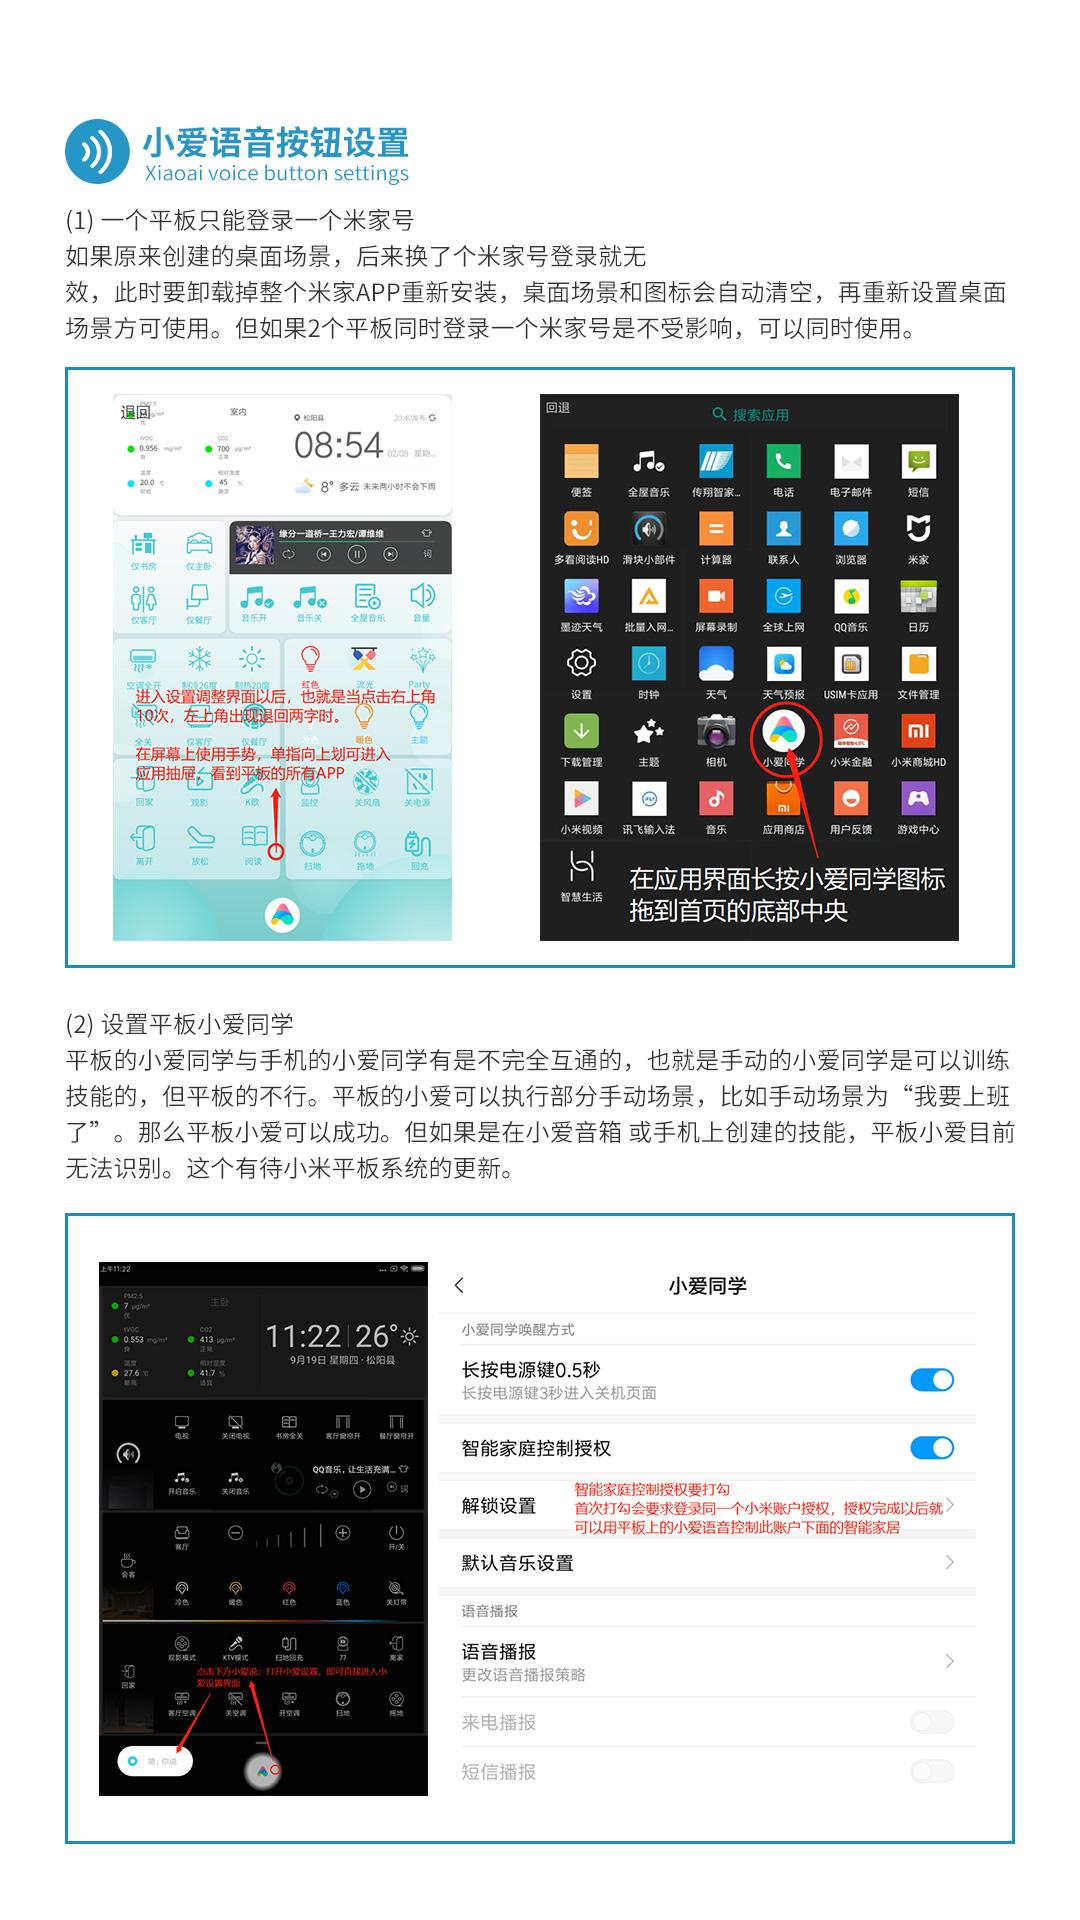 传翔智家系统2020版使用说明书第四页1080x1920.jpg